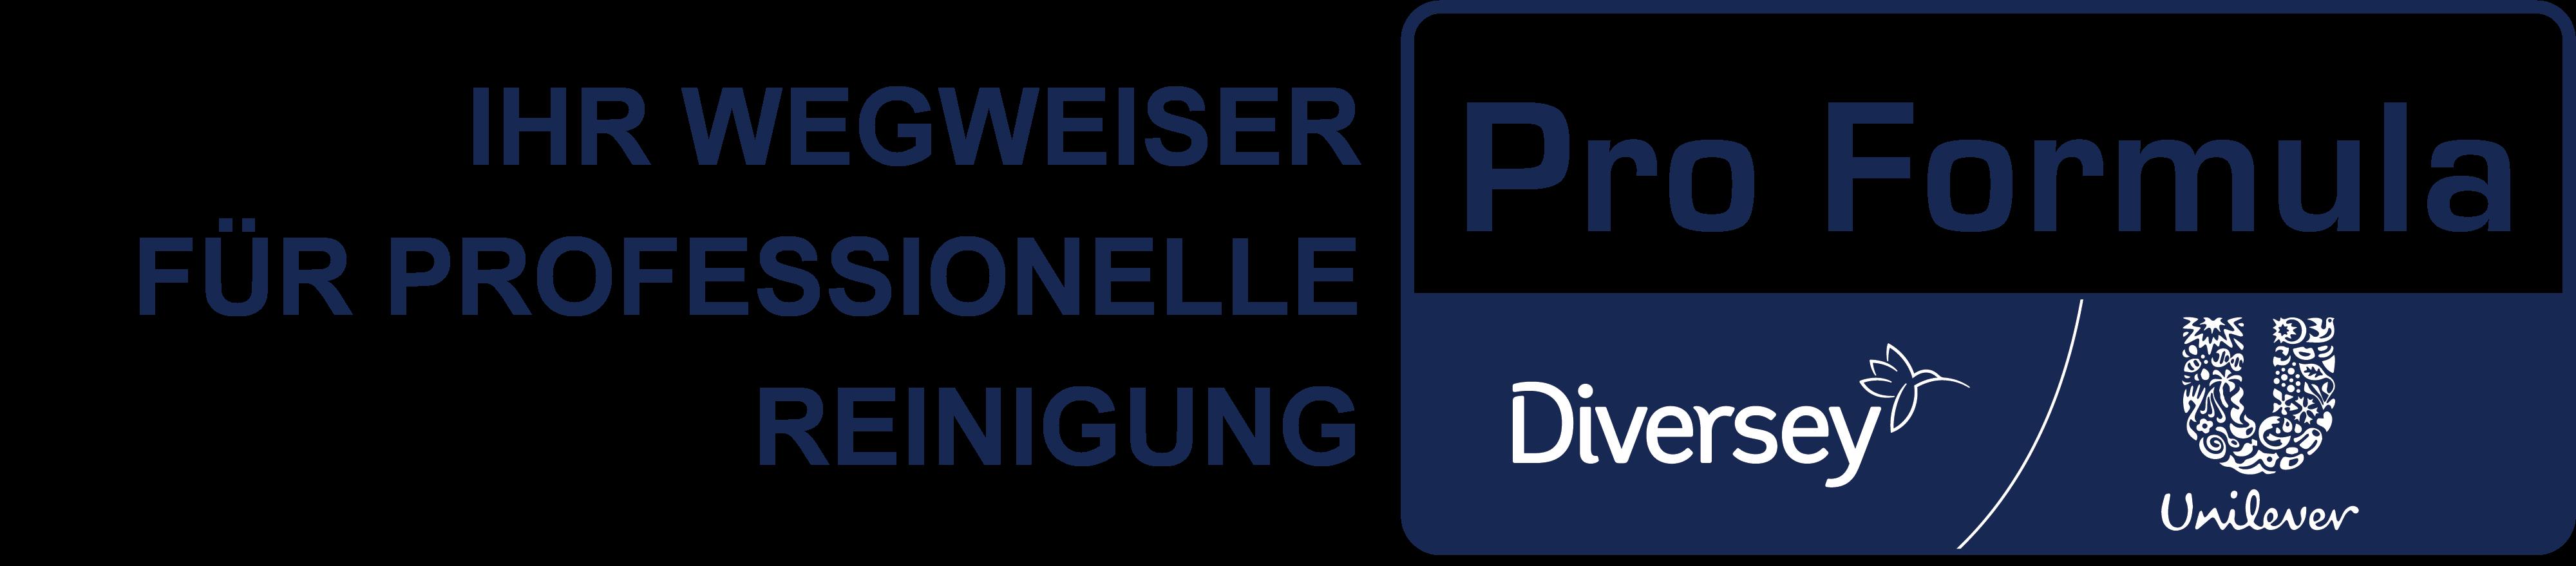 NEW Pro Formula logo_DE